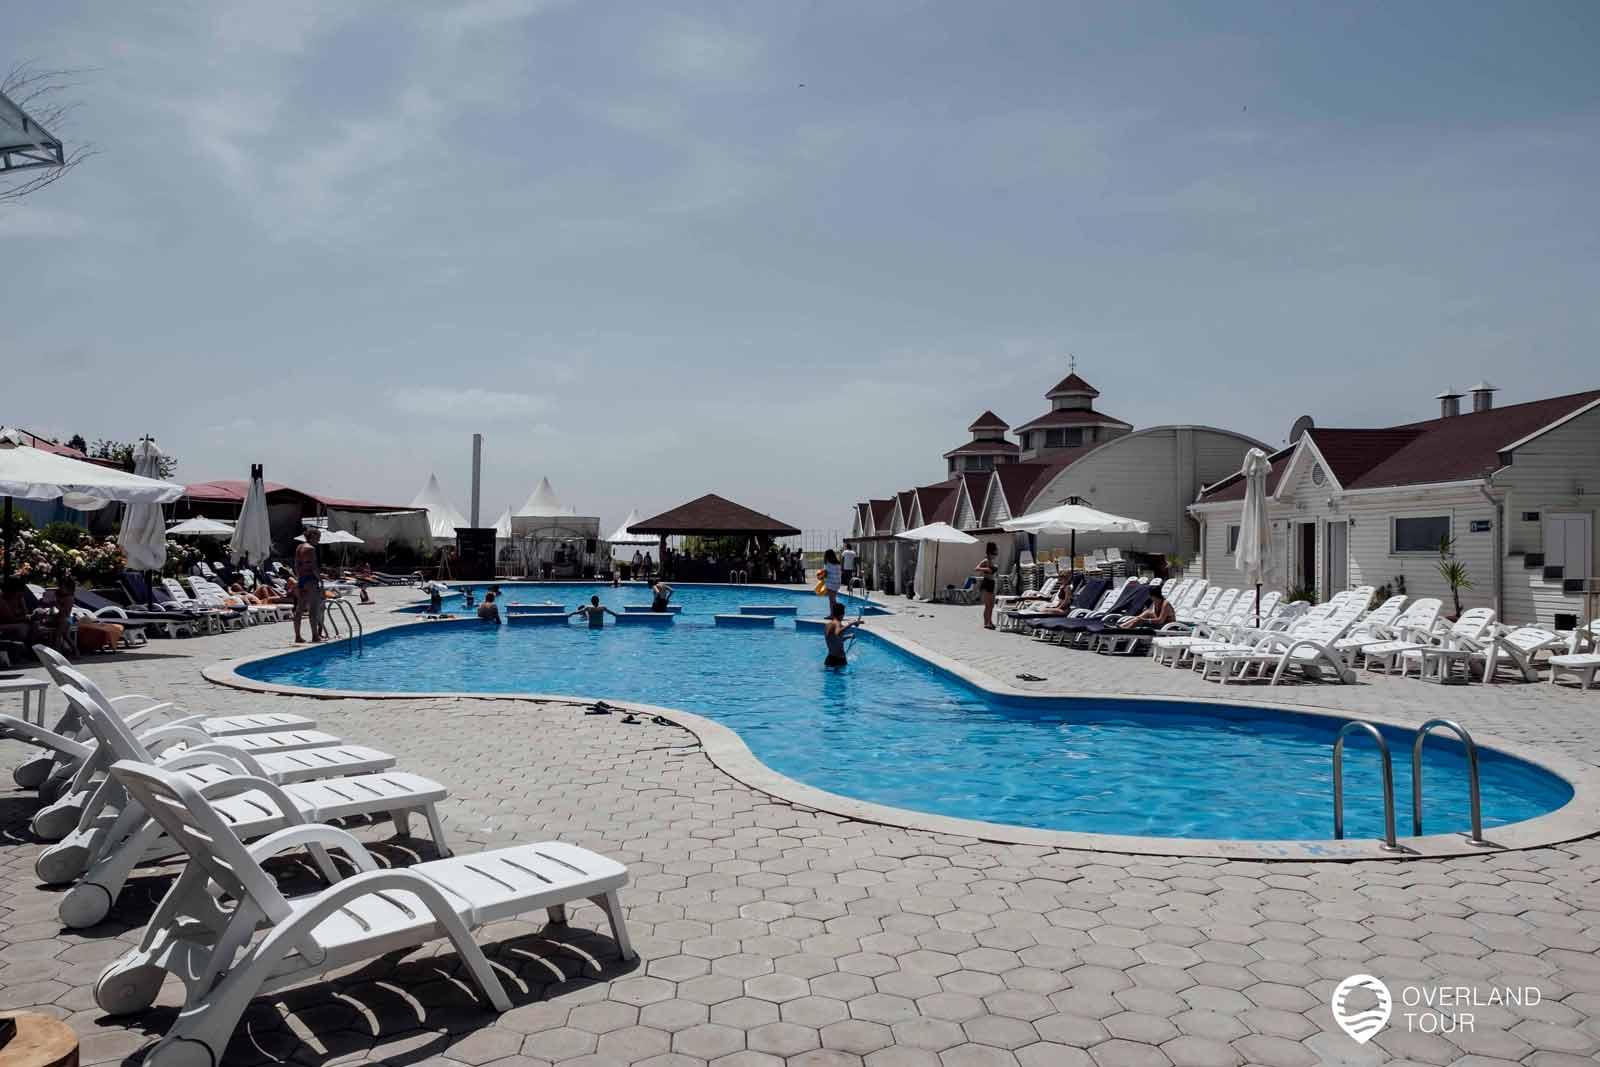 Sehenswürdigkeit Jerewan | Top 11 - Leider trügt der erste Eindruck vom Vahakni Pool and Bar und das Wasser ist viel zu kalt